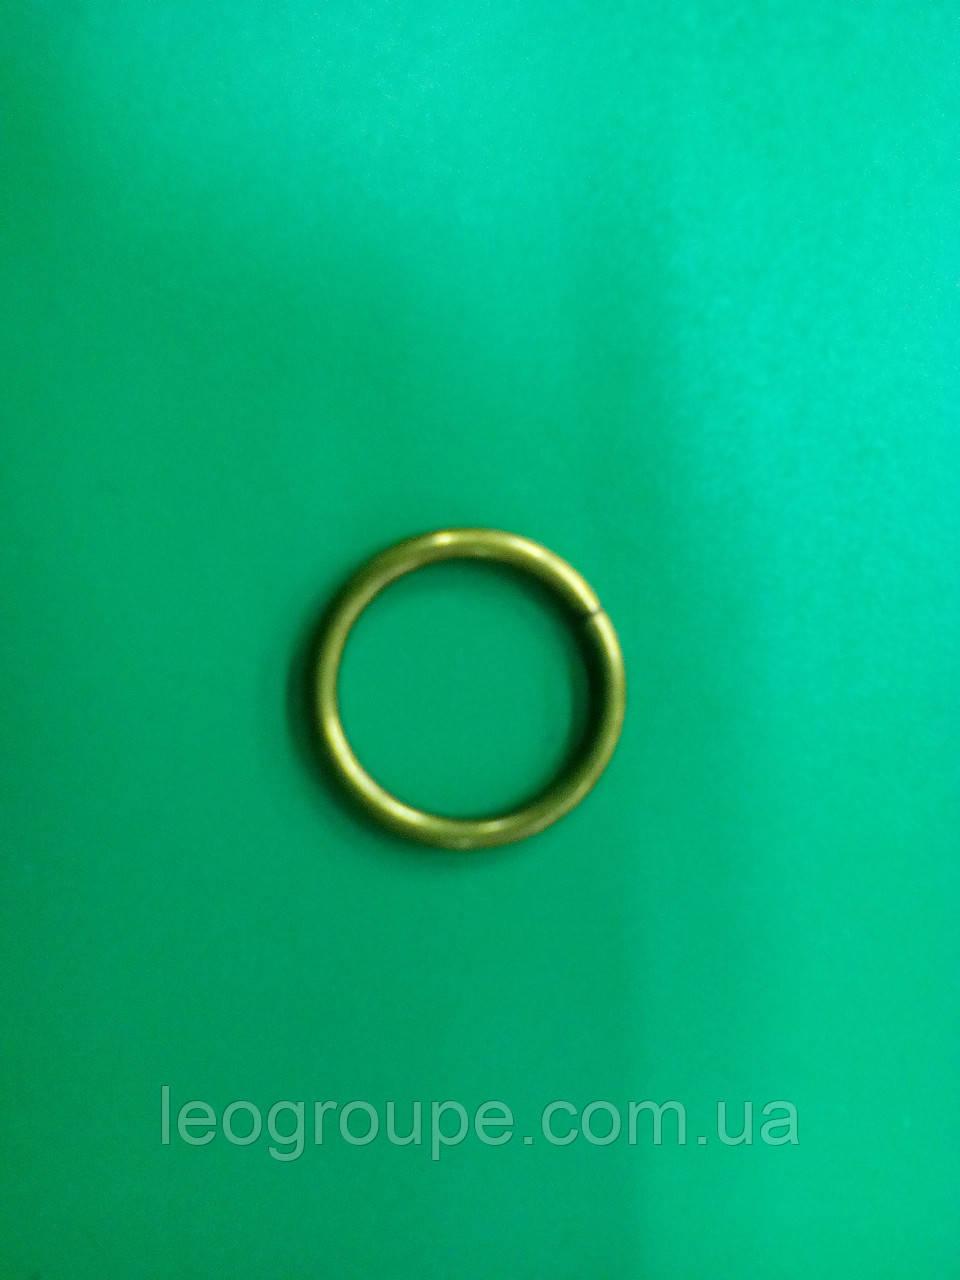 Кольцо для трубы 19мм антик (30мм)